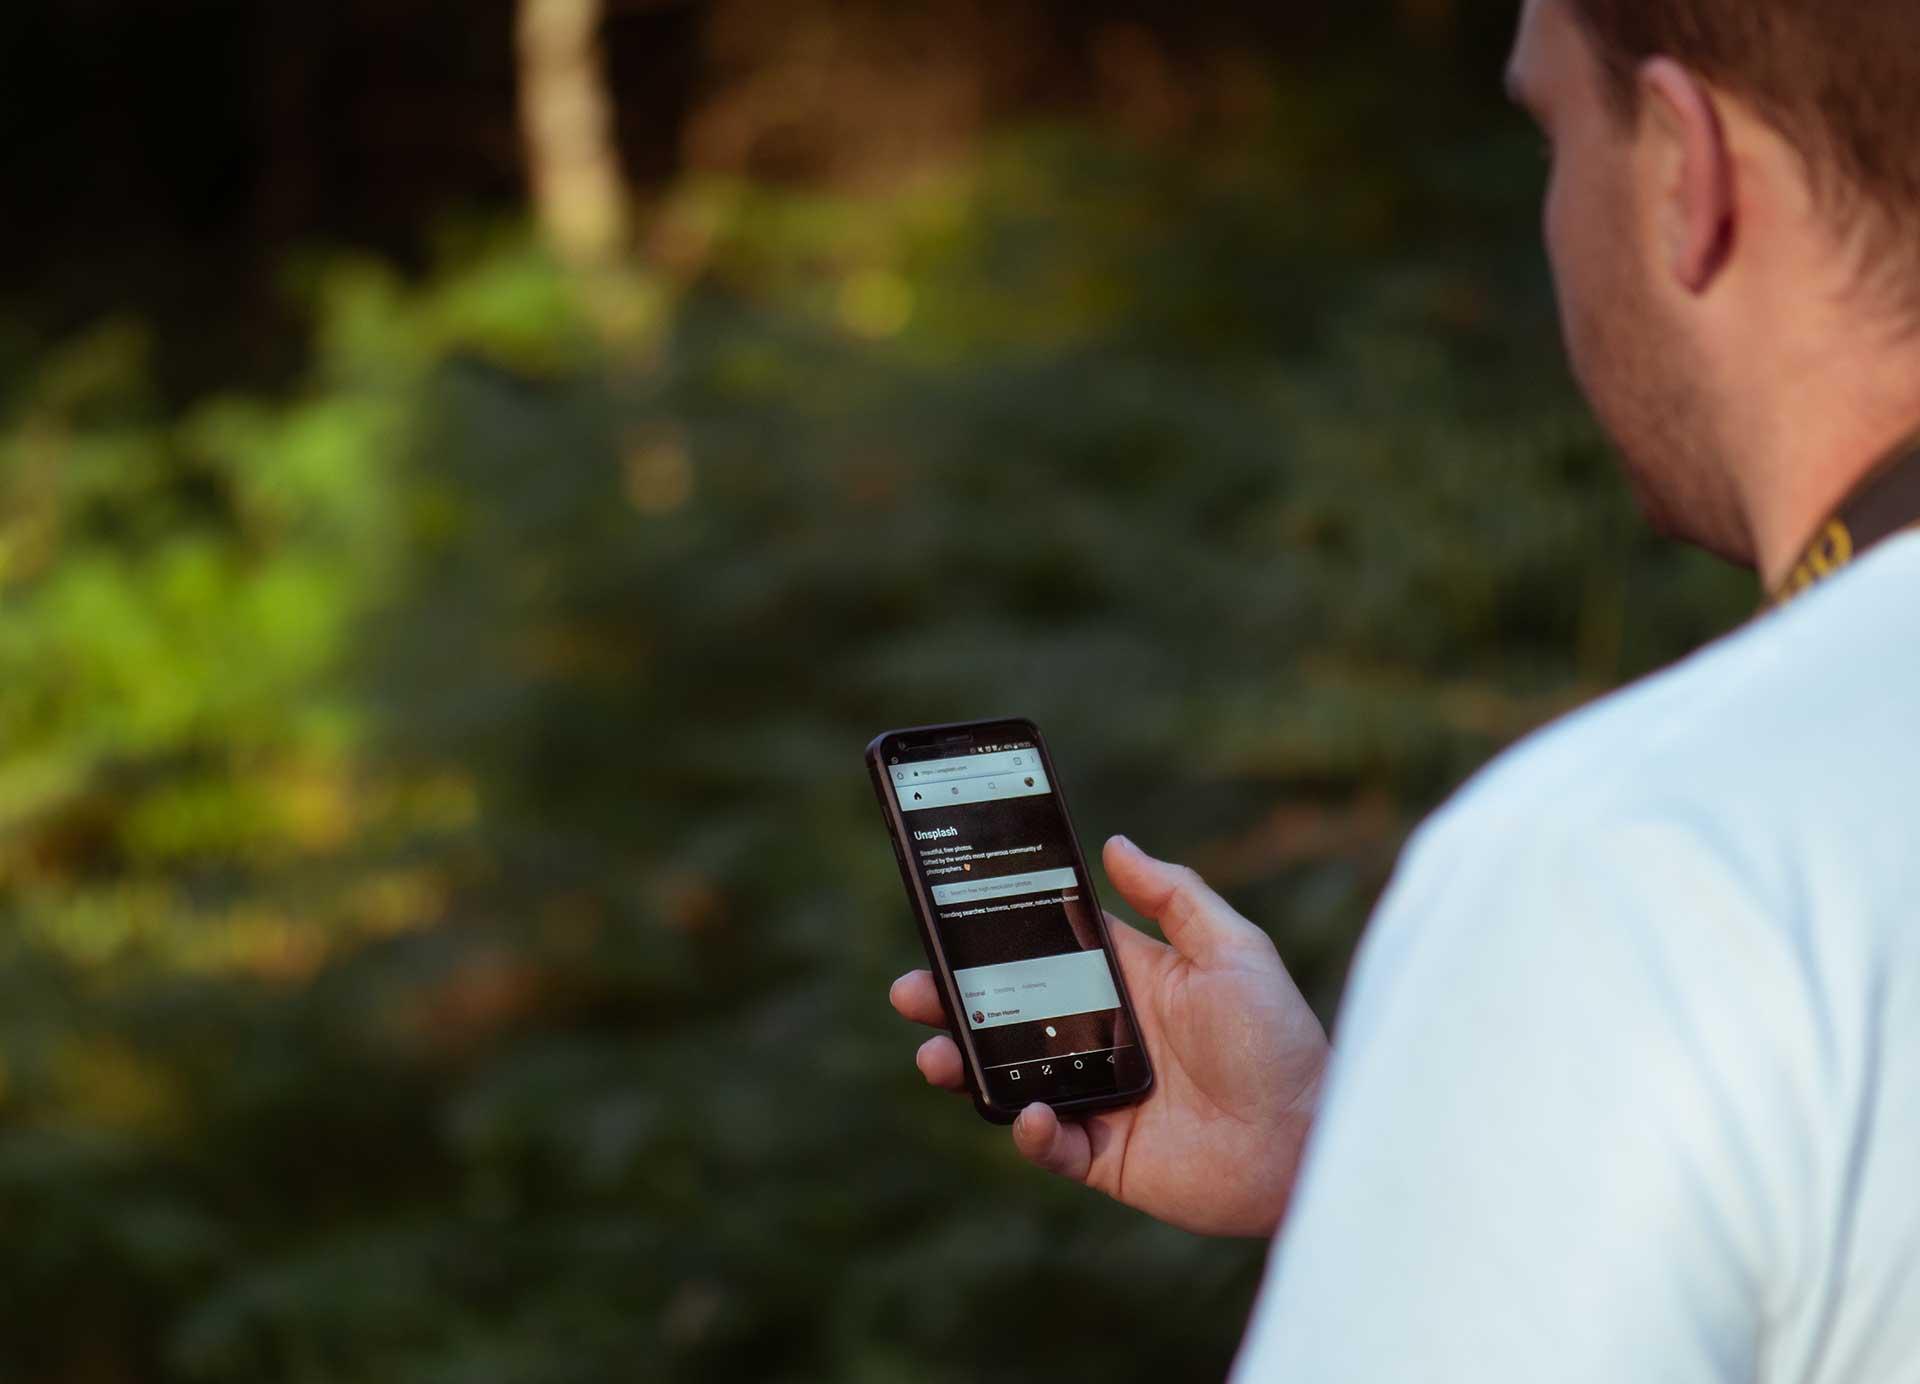 apps für fitness, Kundenbindung und Mitgliederakquise für Fitnessketten